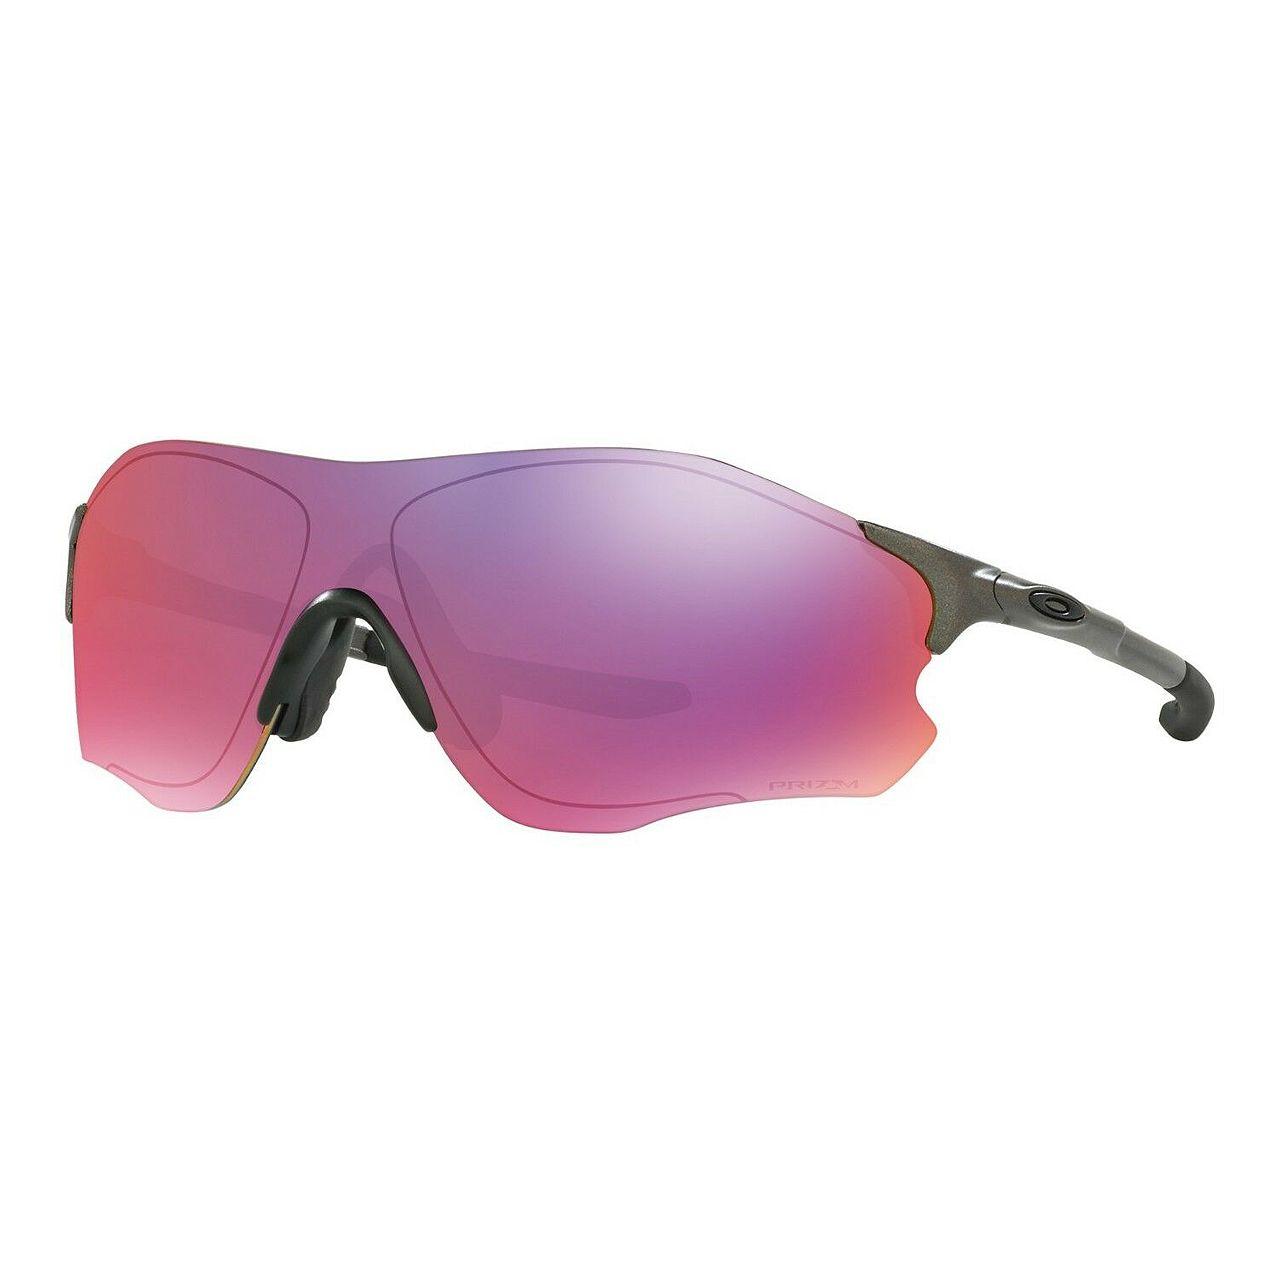 عینک آفتابی اوکلی مدل EVZero Path Lead کد OO9308-1138 -  - 3